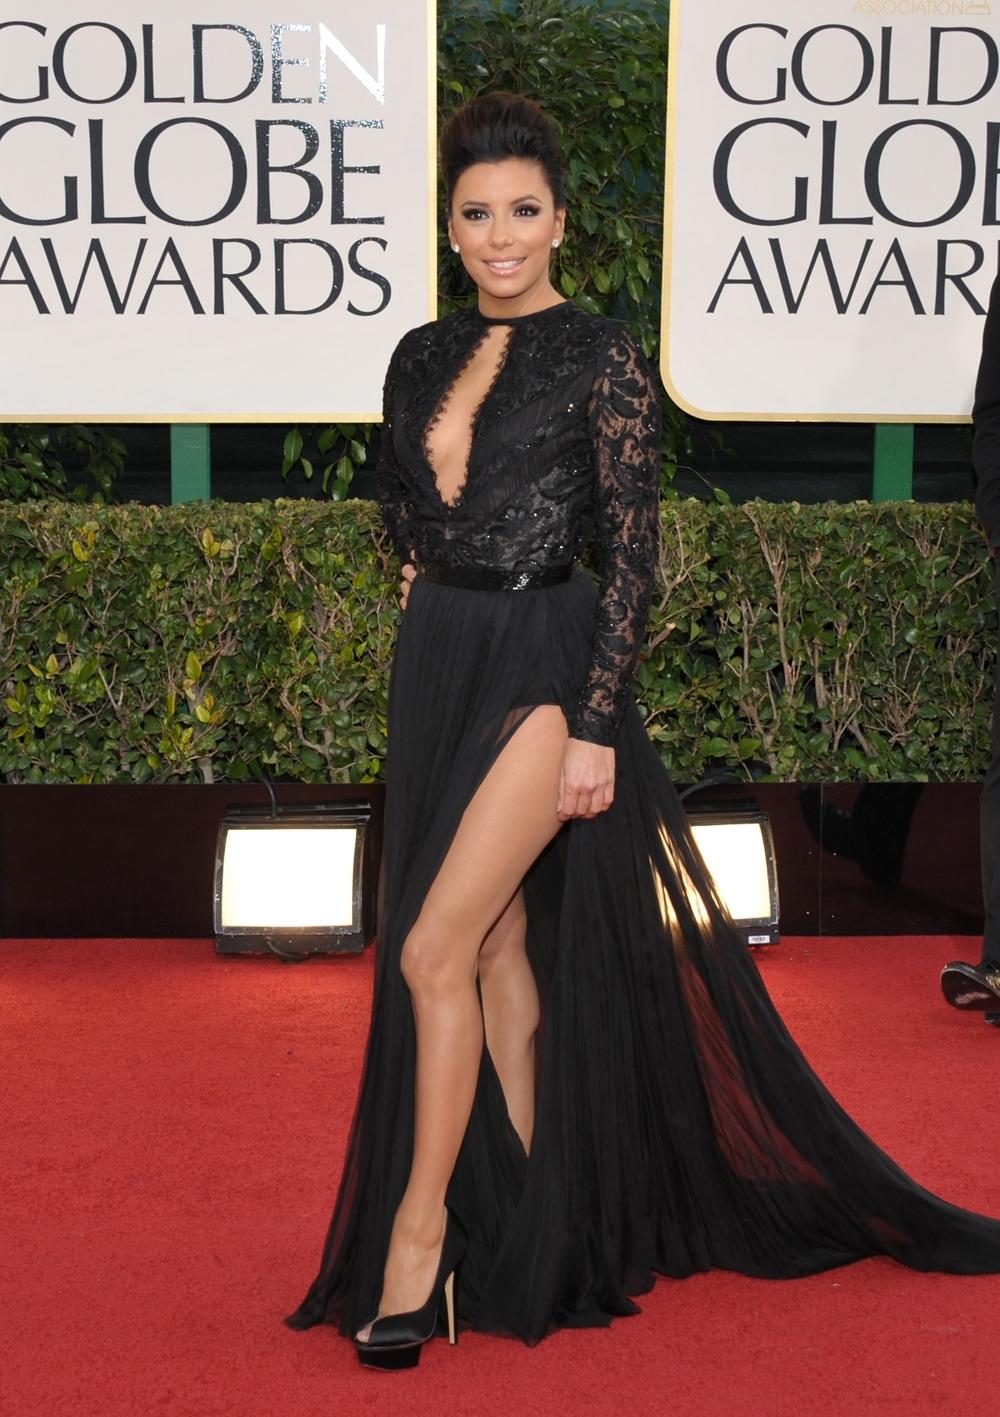 Eva Longoria Golden Globe Awards